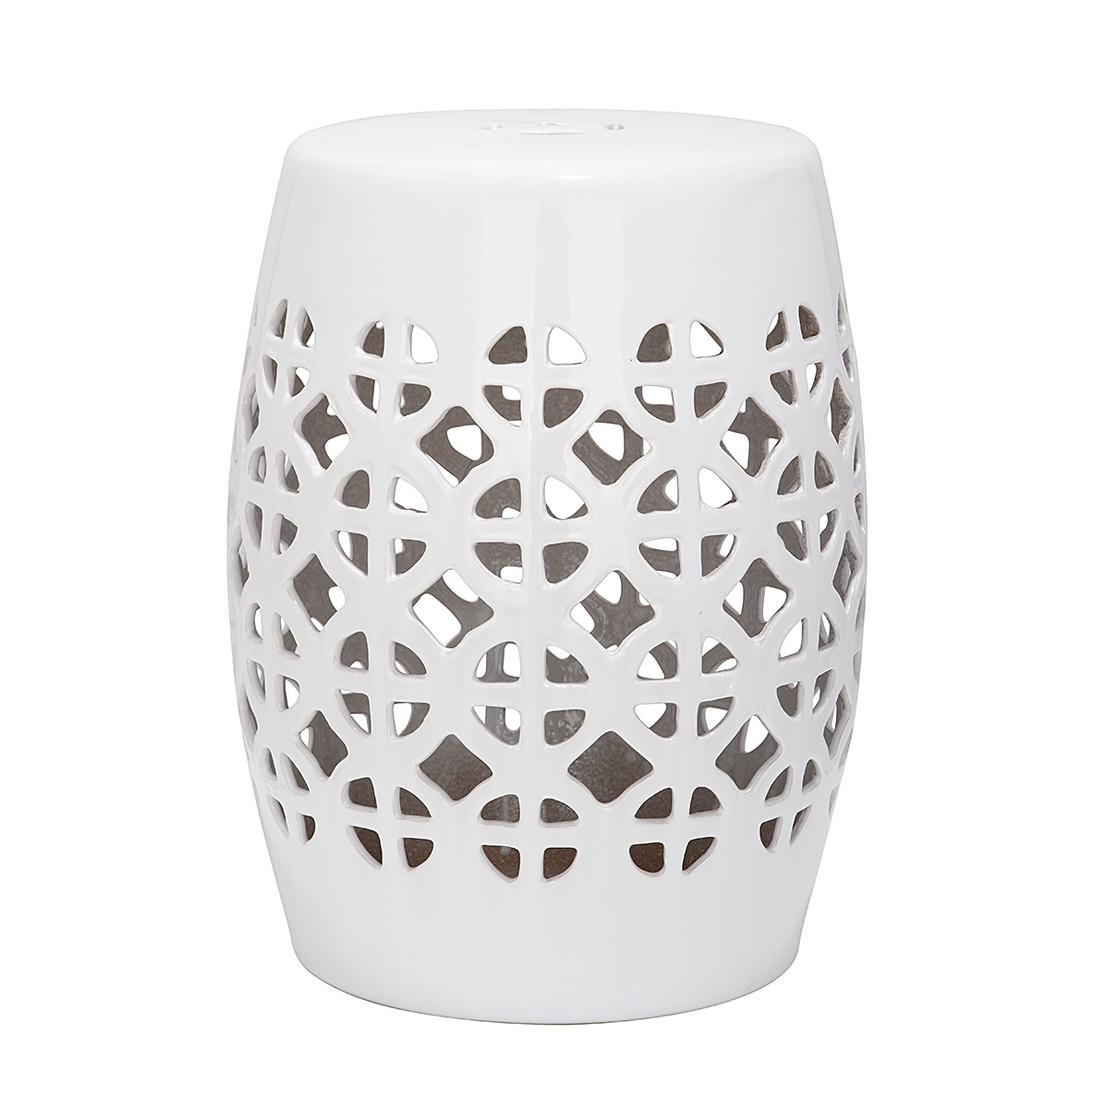 Keramikhocker Circle – Weiß glasiert, Safavieh jetzt bestellen